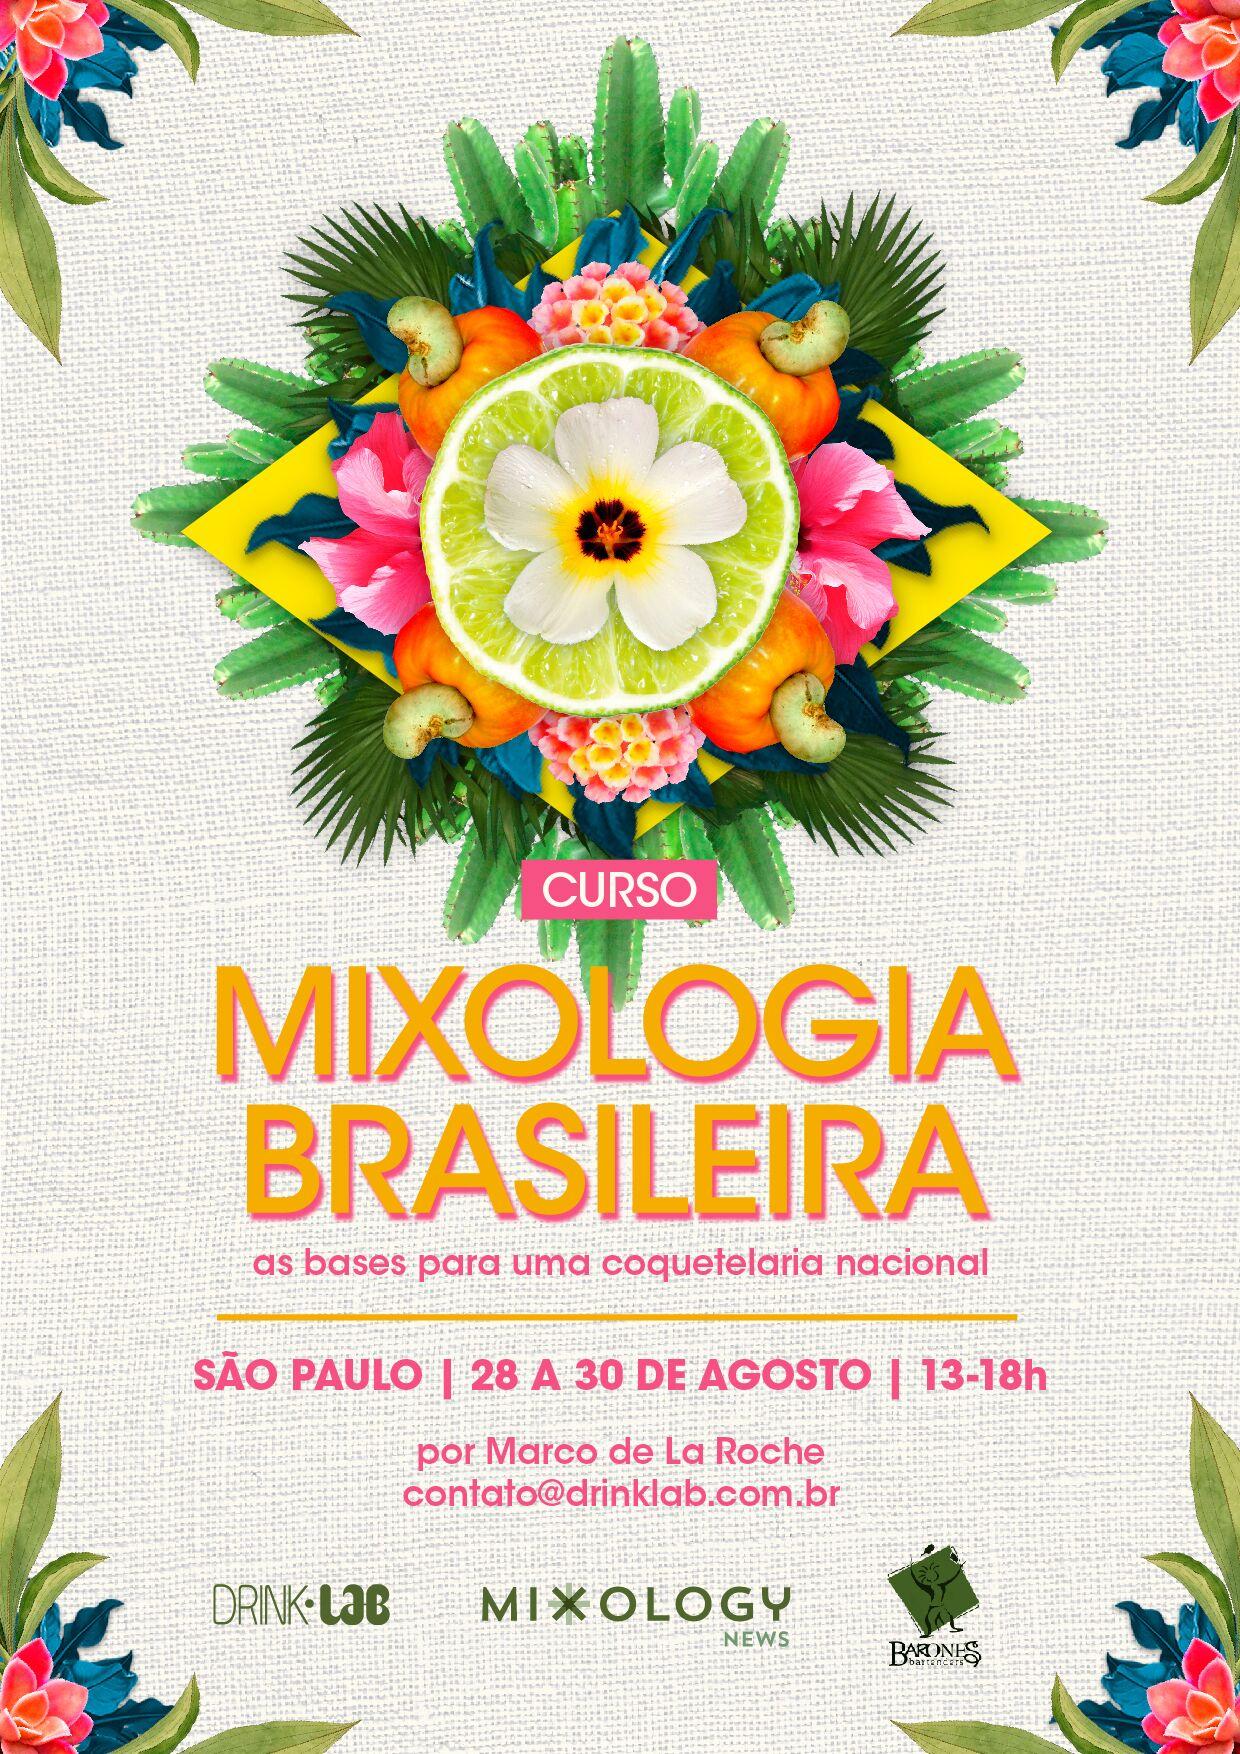 Mixologia Brasileira Agosto